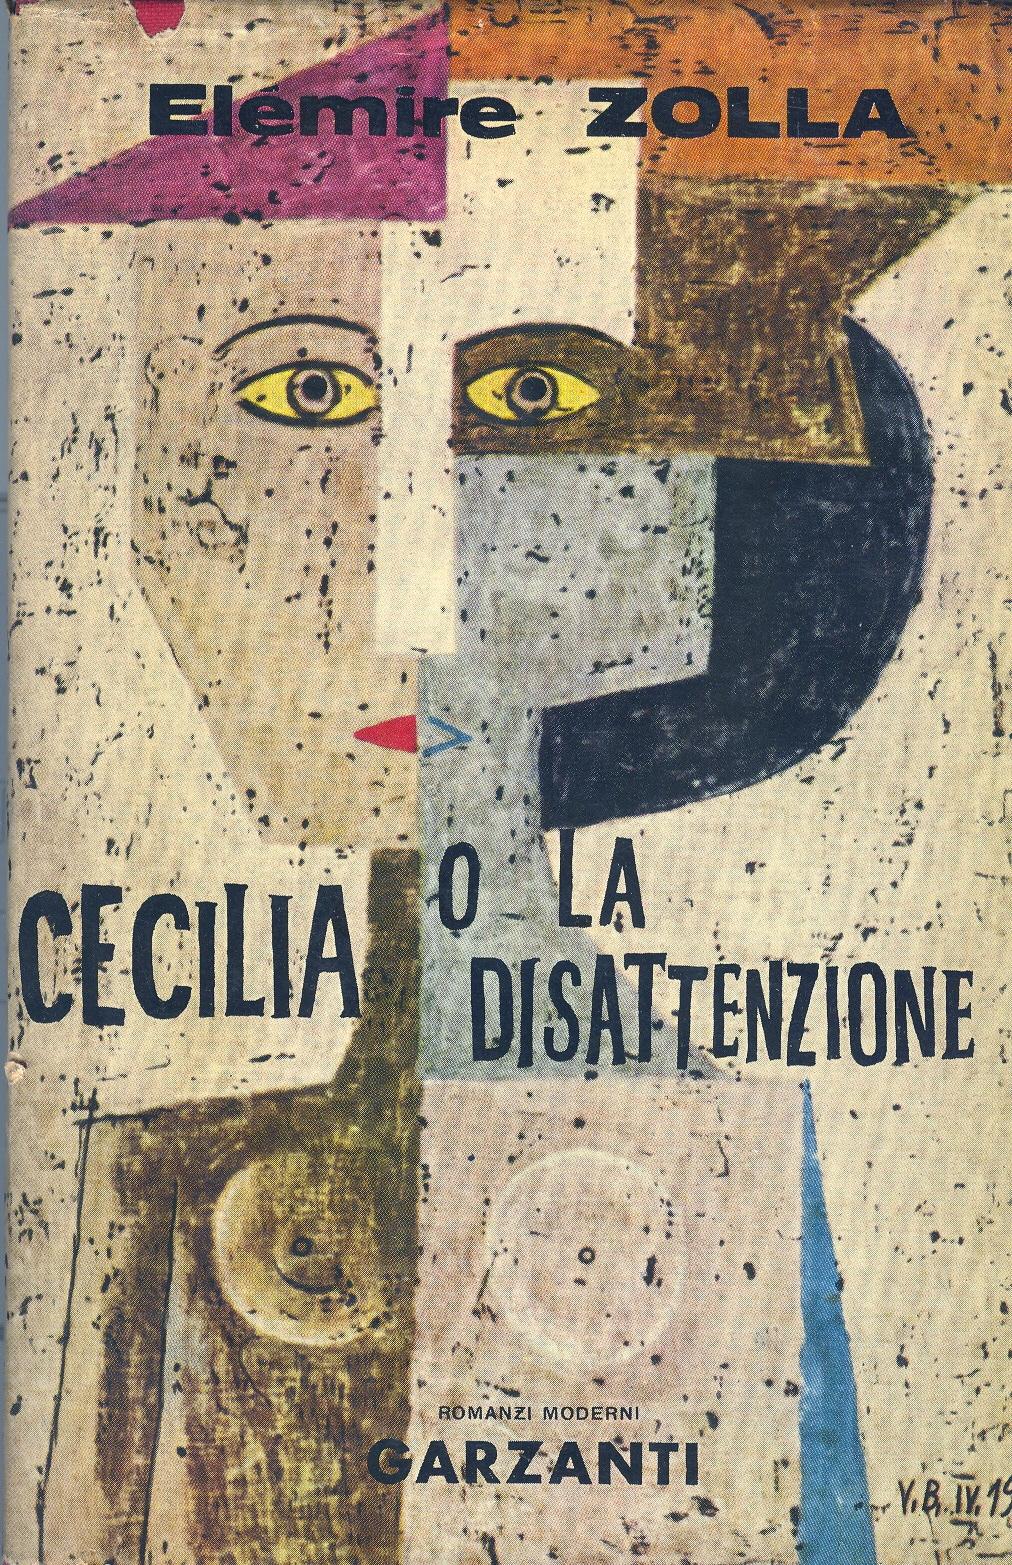 Cecilia o la disattenzione